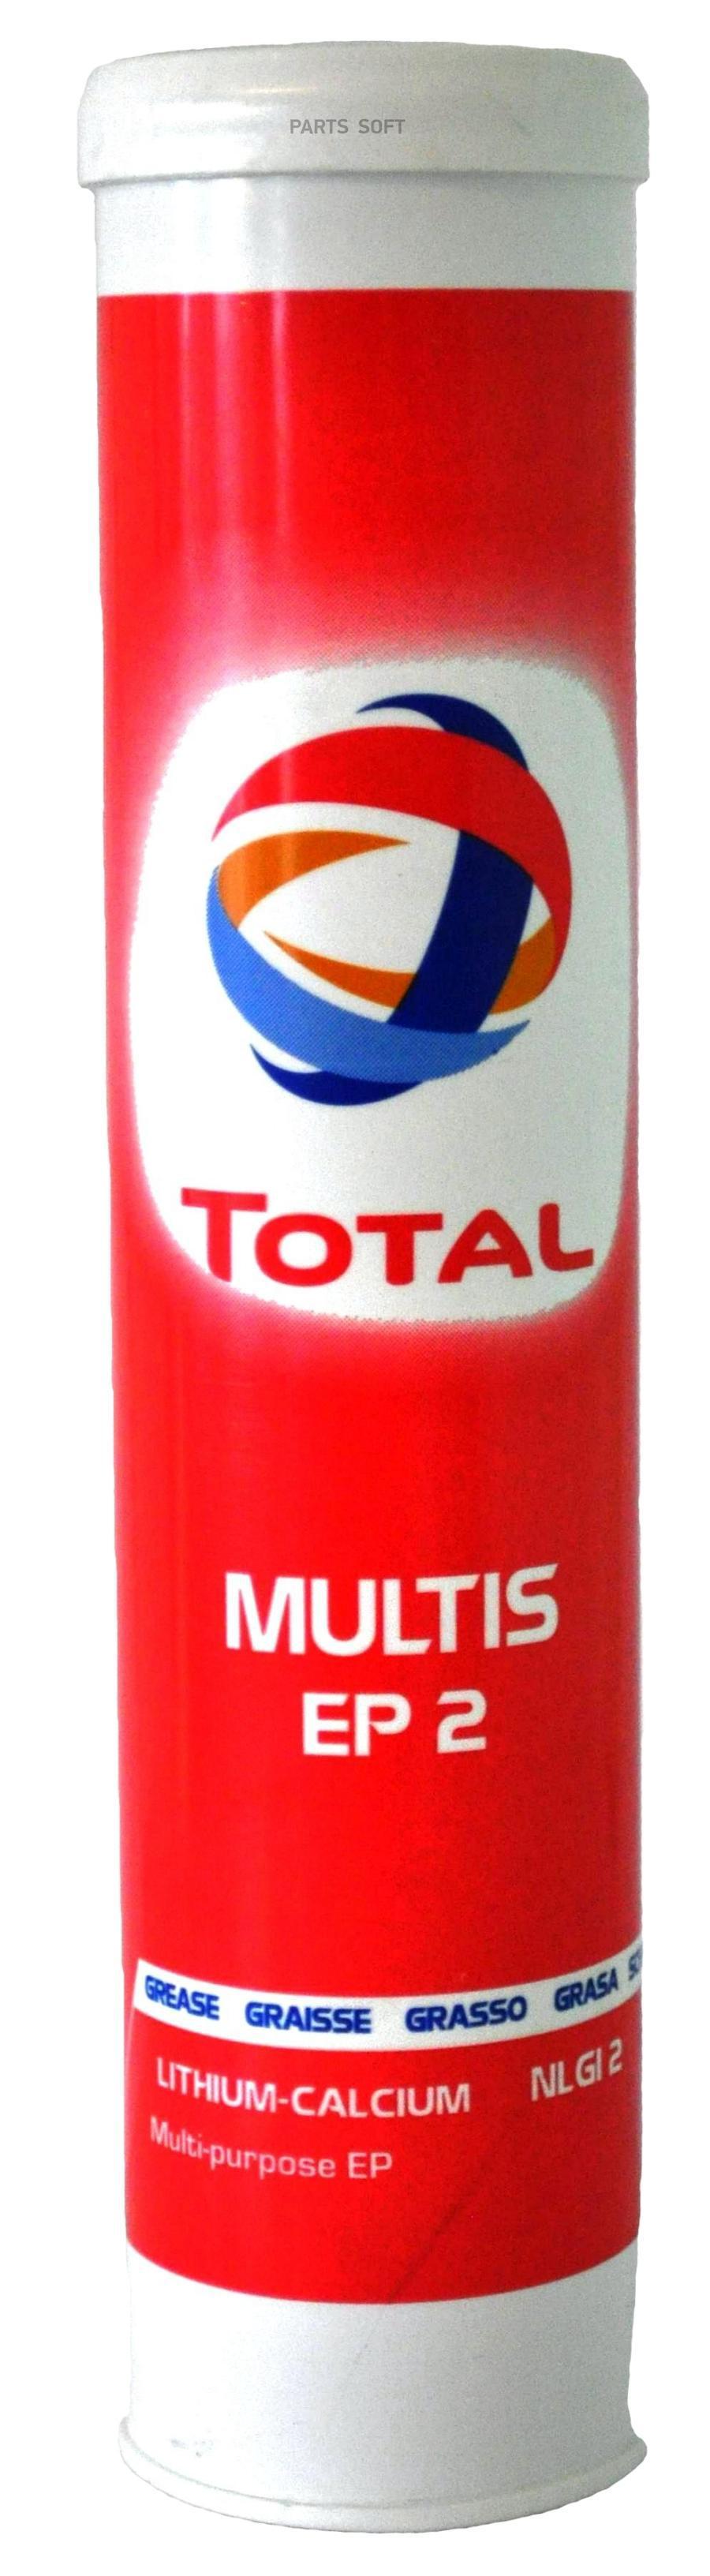 Универсальная смазка Multis EP 2